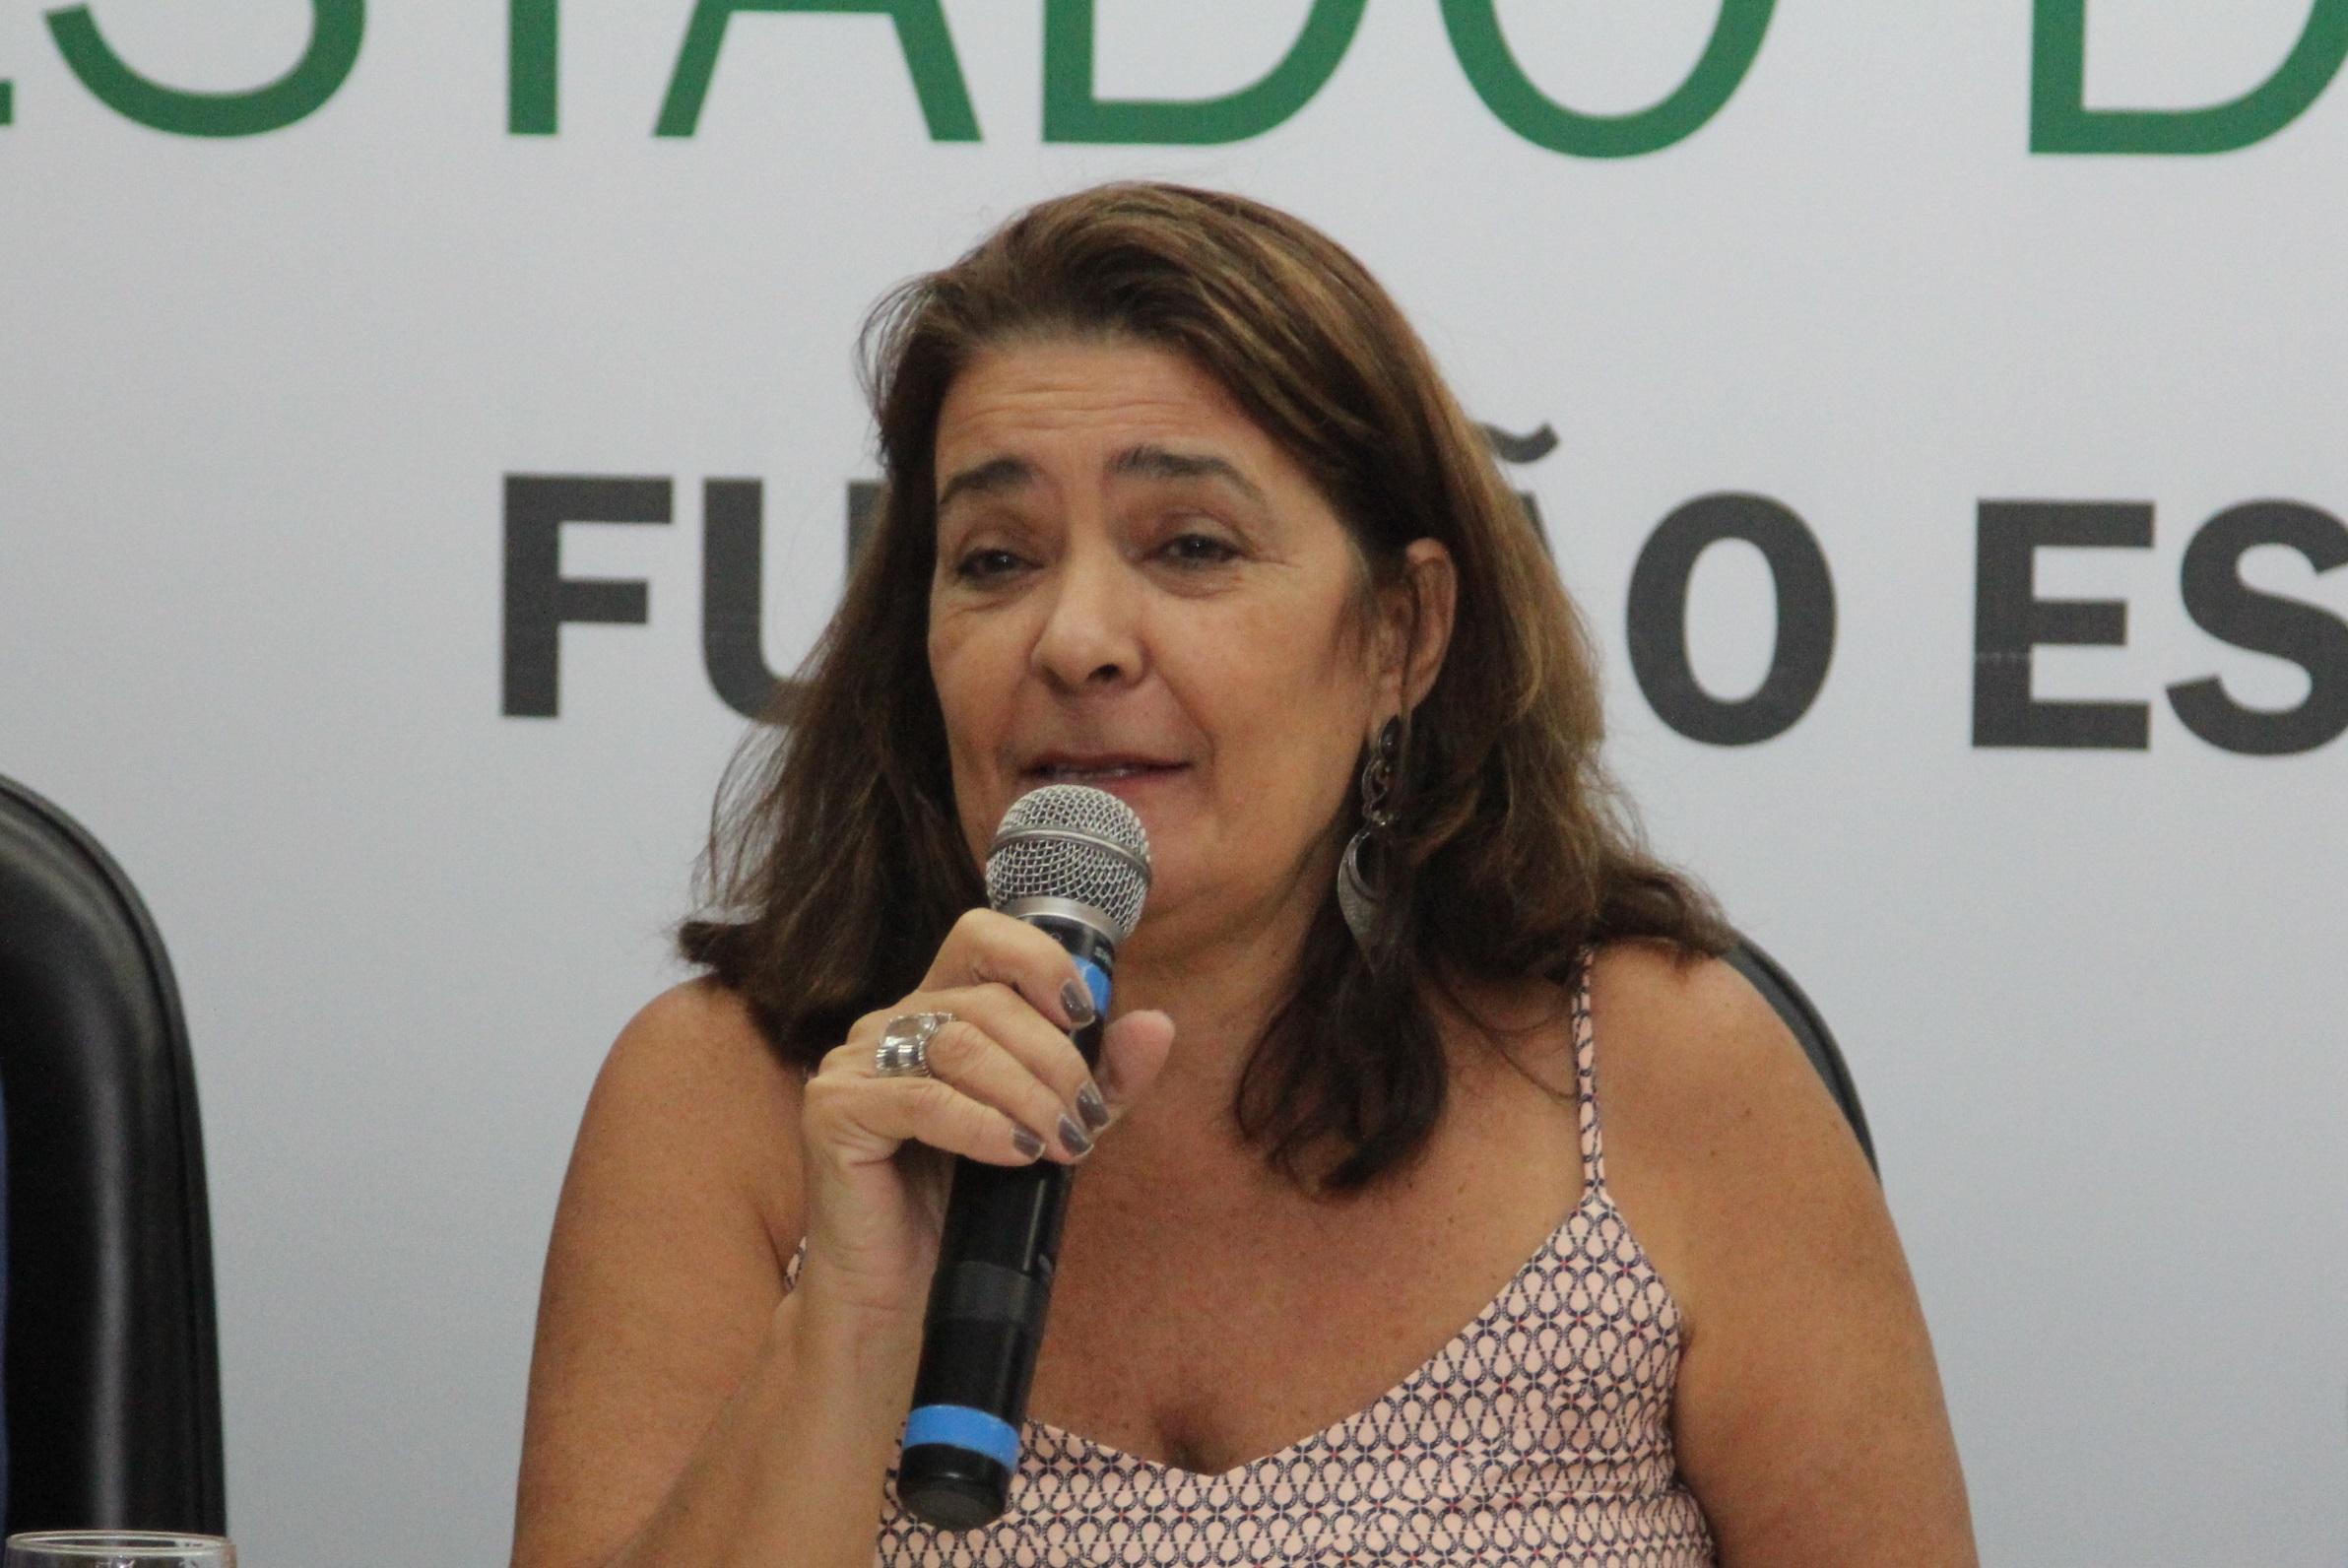 """Defensora pública: """"Precisamos desistir da ideia de que o Brasil aceita a todos igualmente.""""   Foto: DPRJ"""